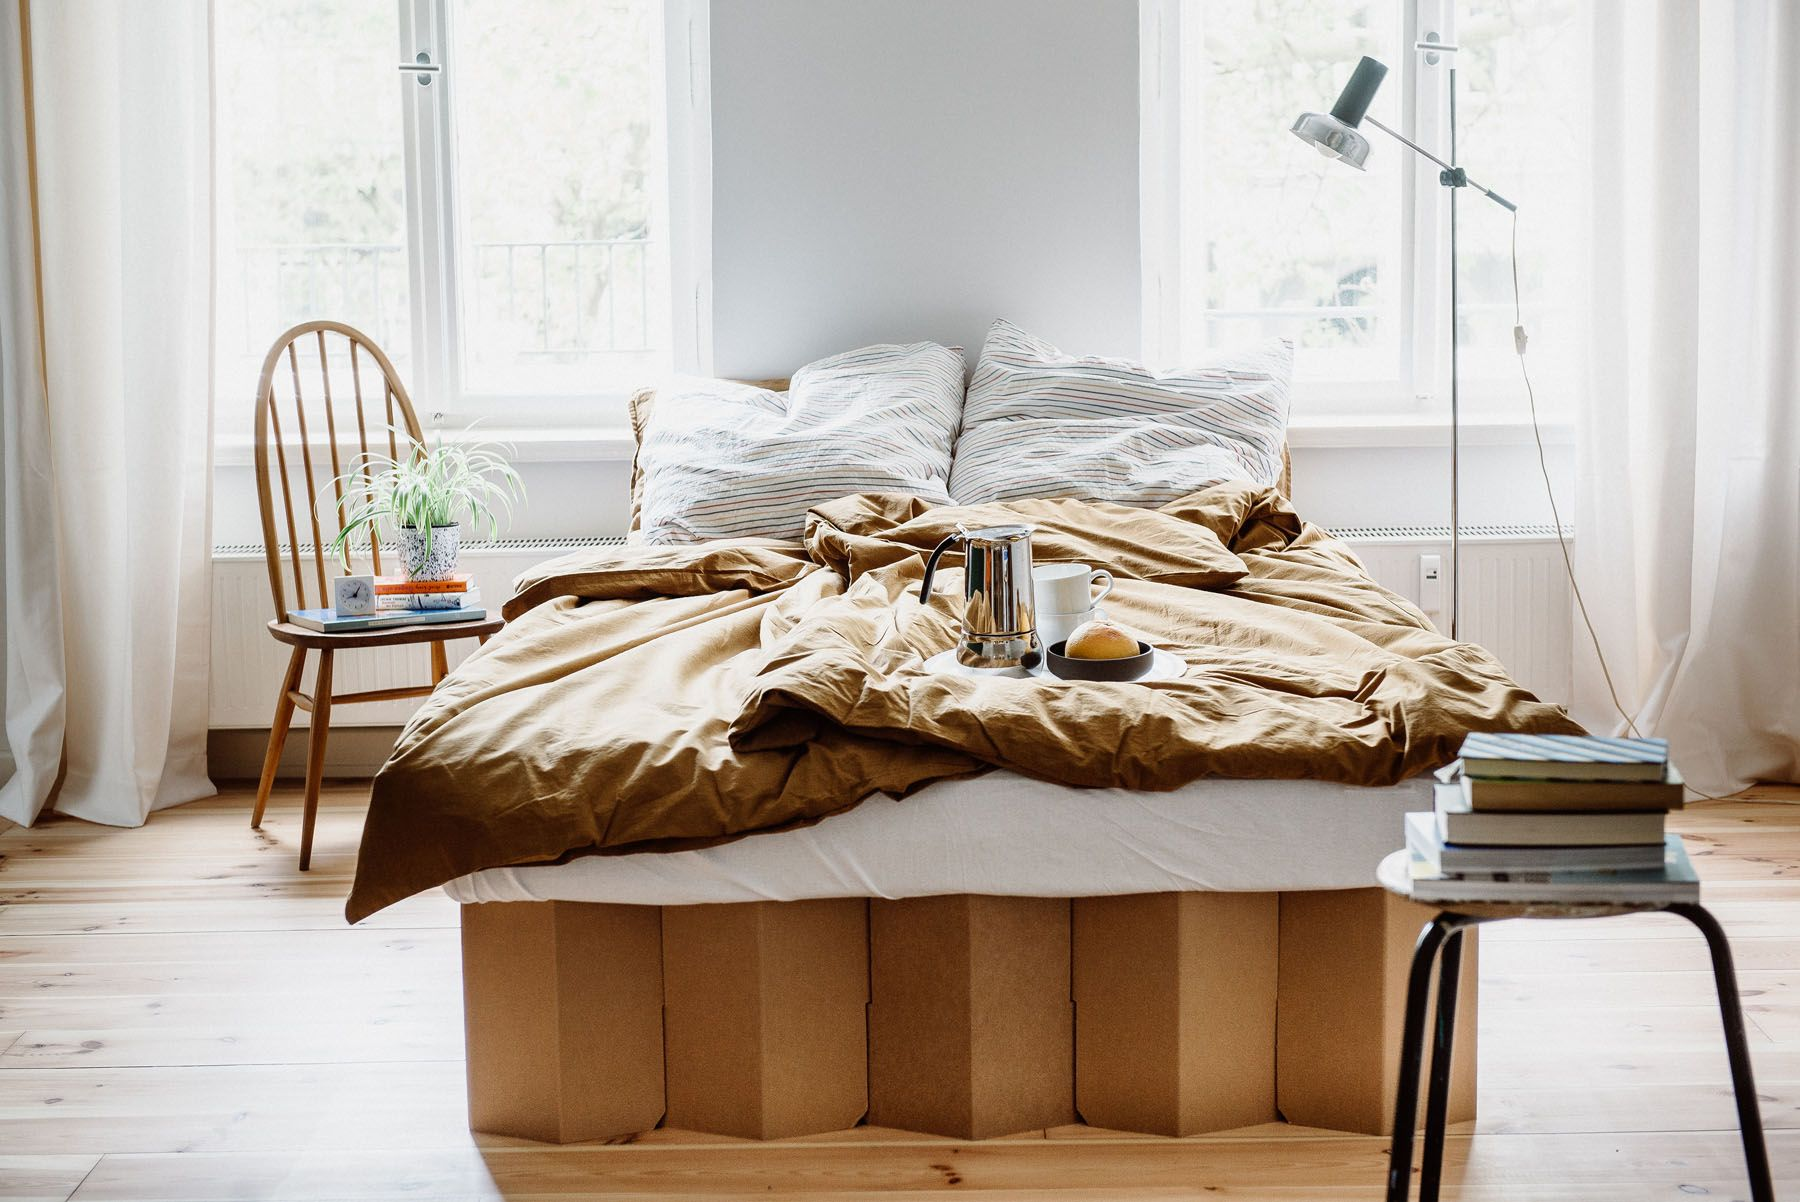 Zuruckhaltendes Highlight Das Bett 2 0 Uberzeugt Durch